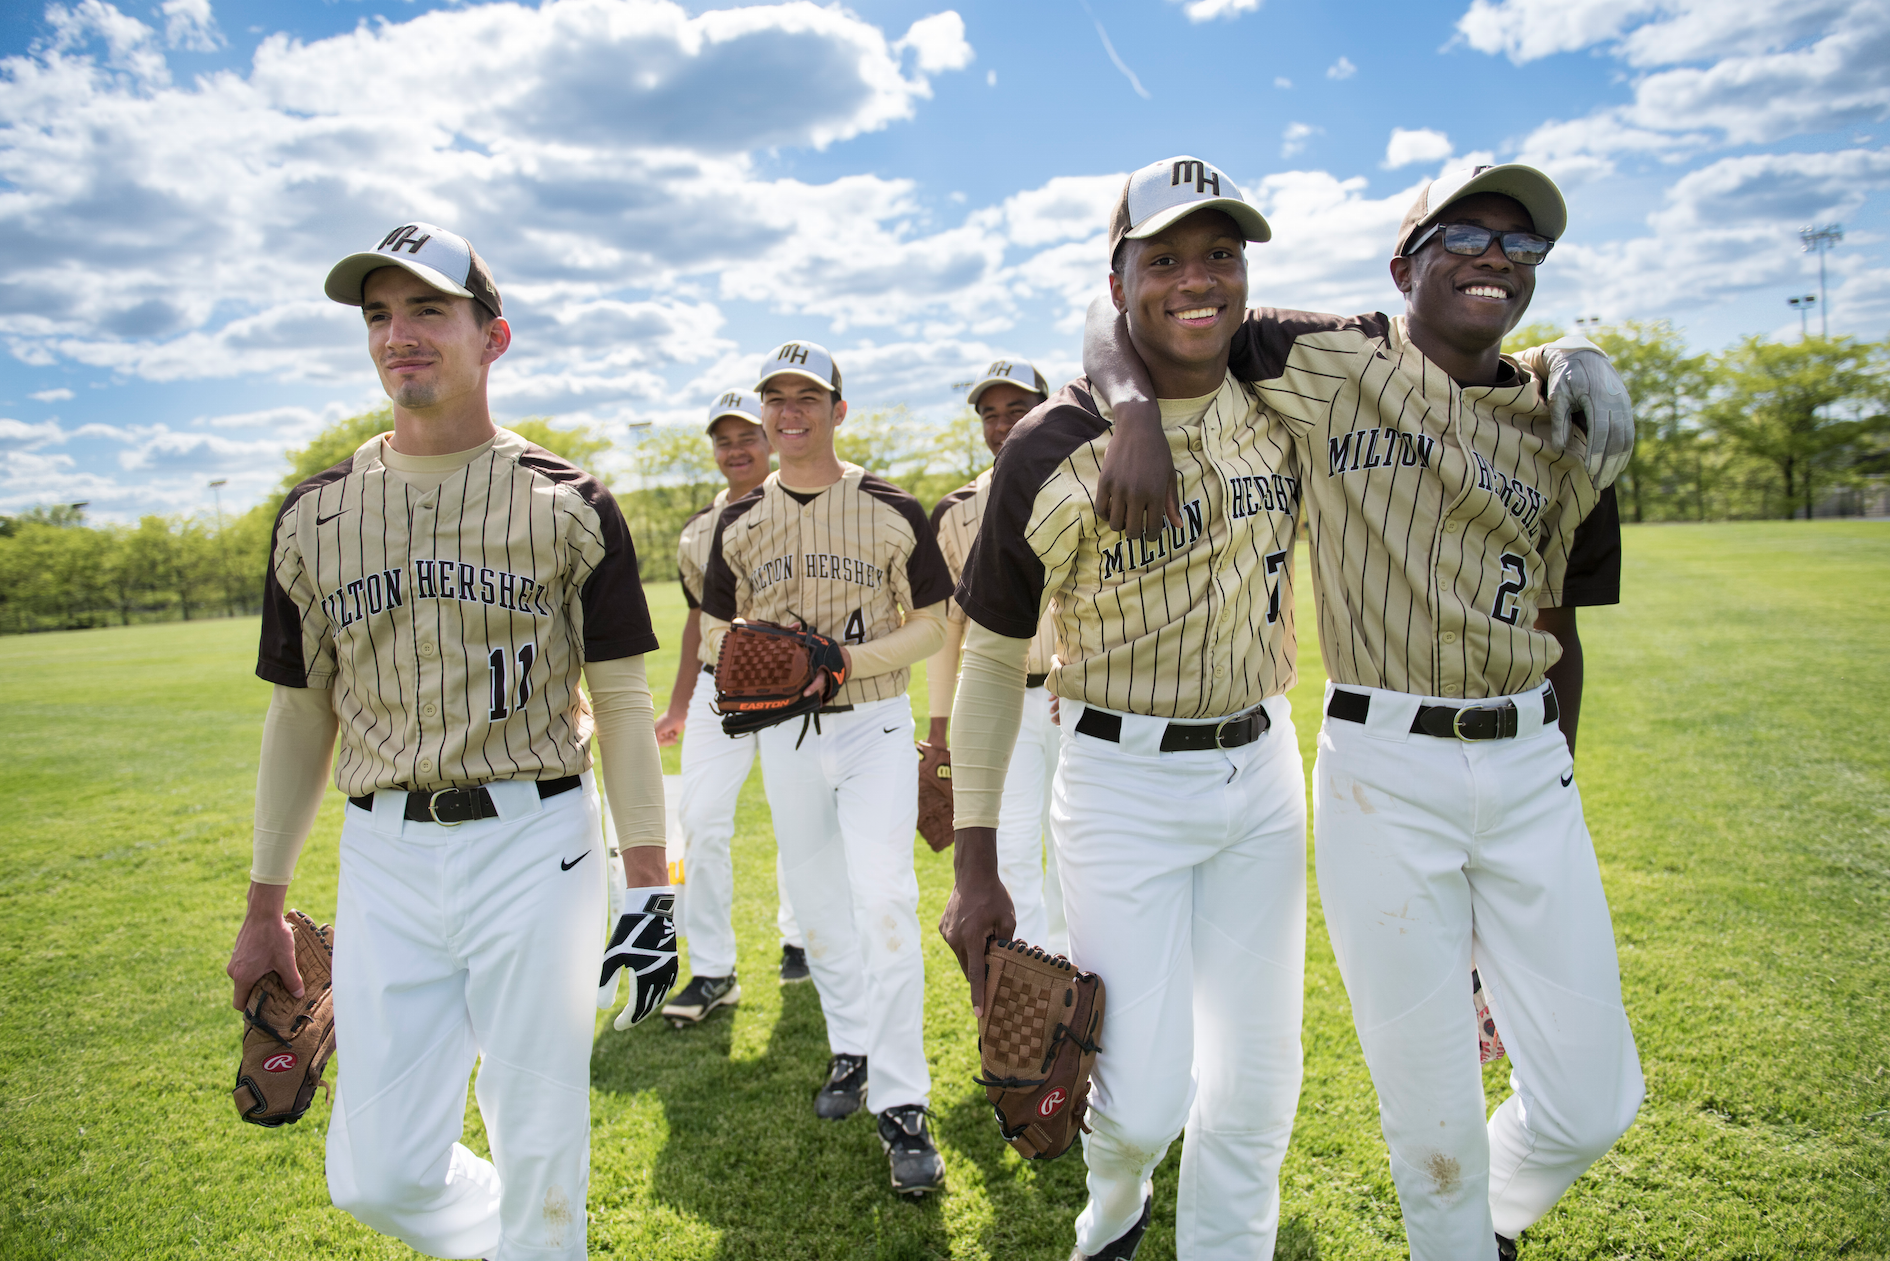 MHS baseball players